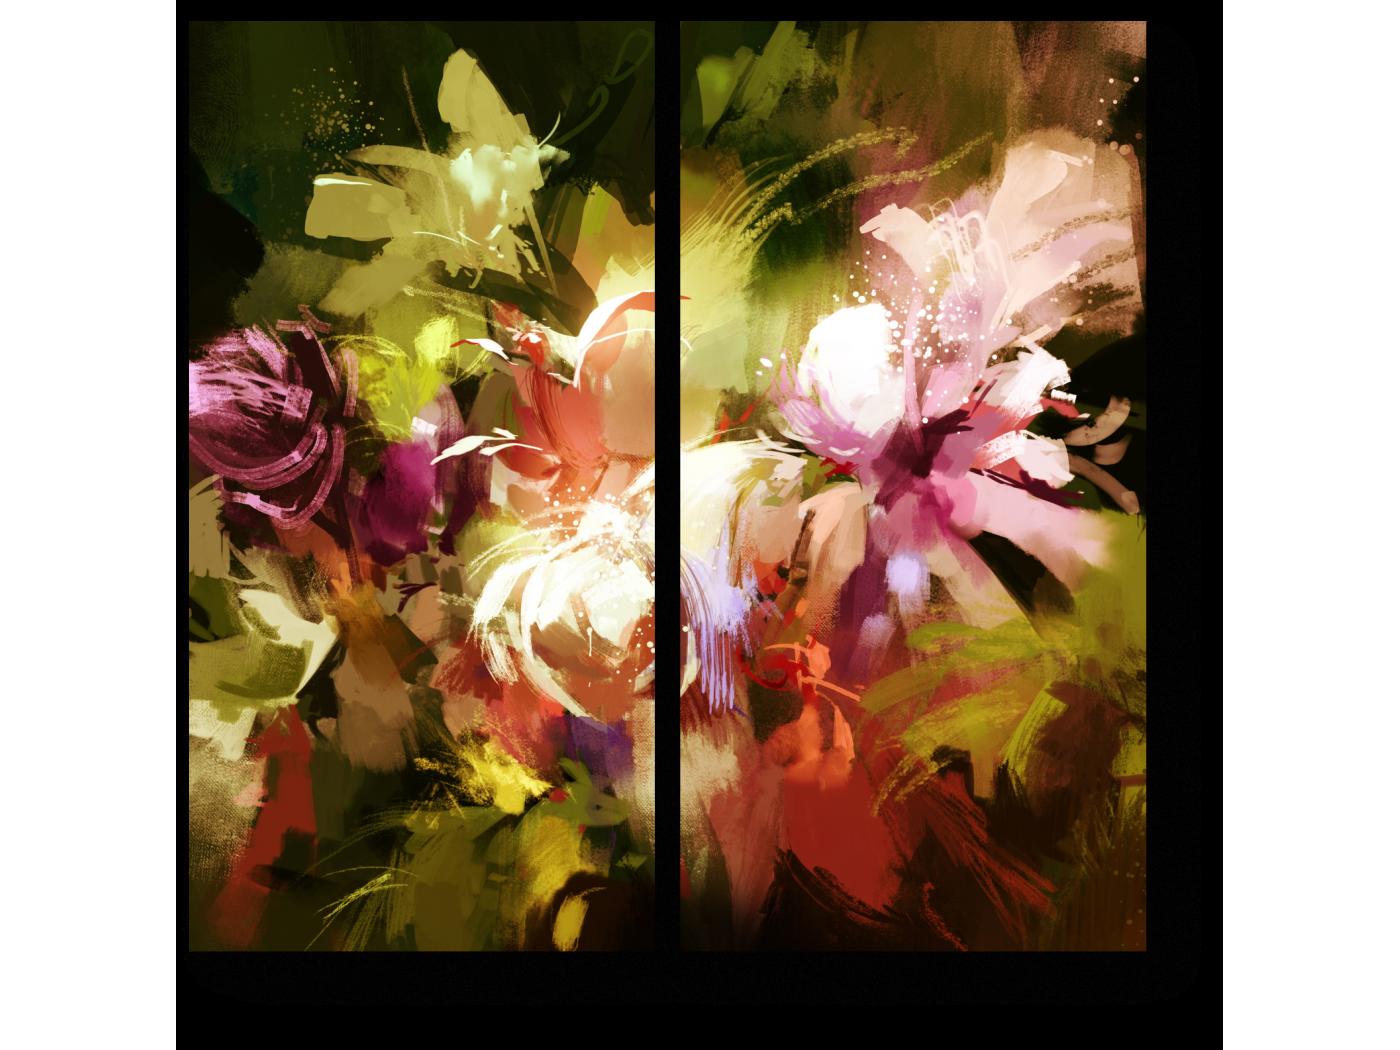 Модульная картина Тропическая абстракция (40x40) фото